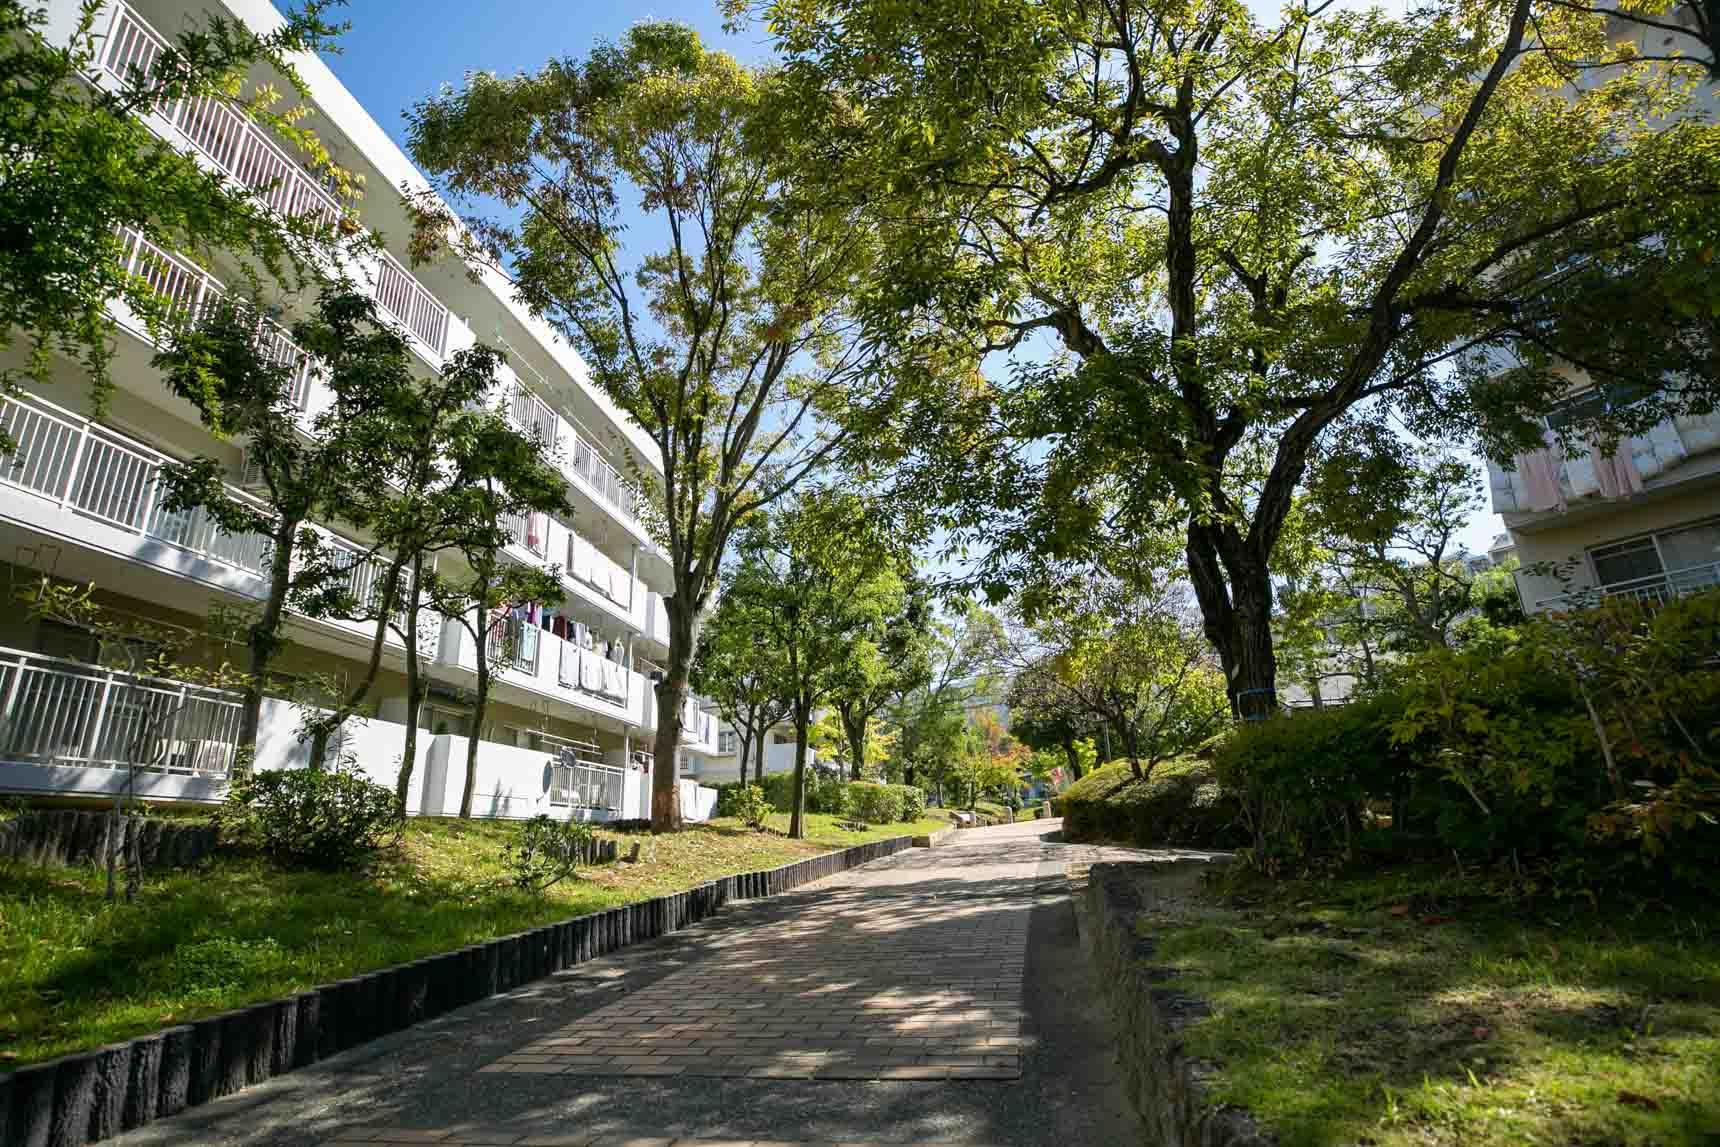 団地の敷地内も、街並みと調和するような、並木道が続きます。